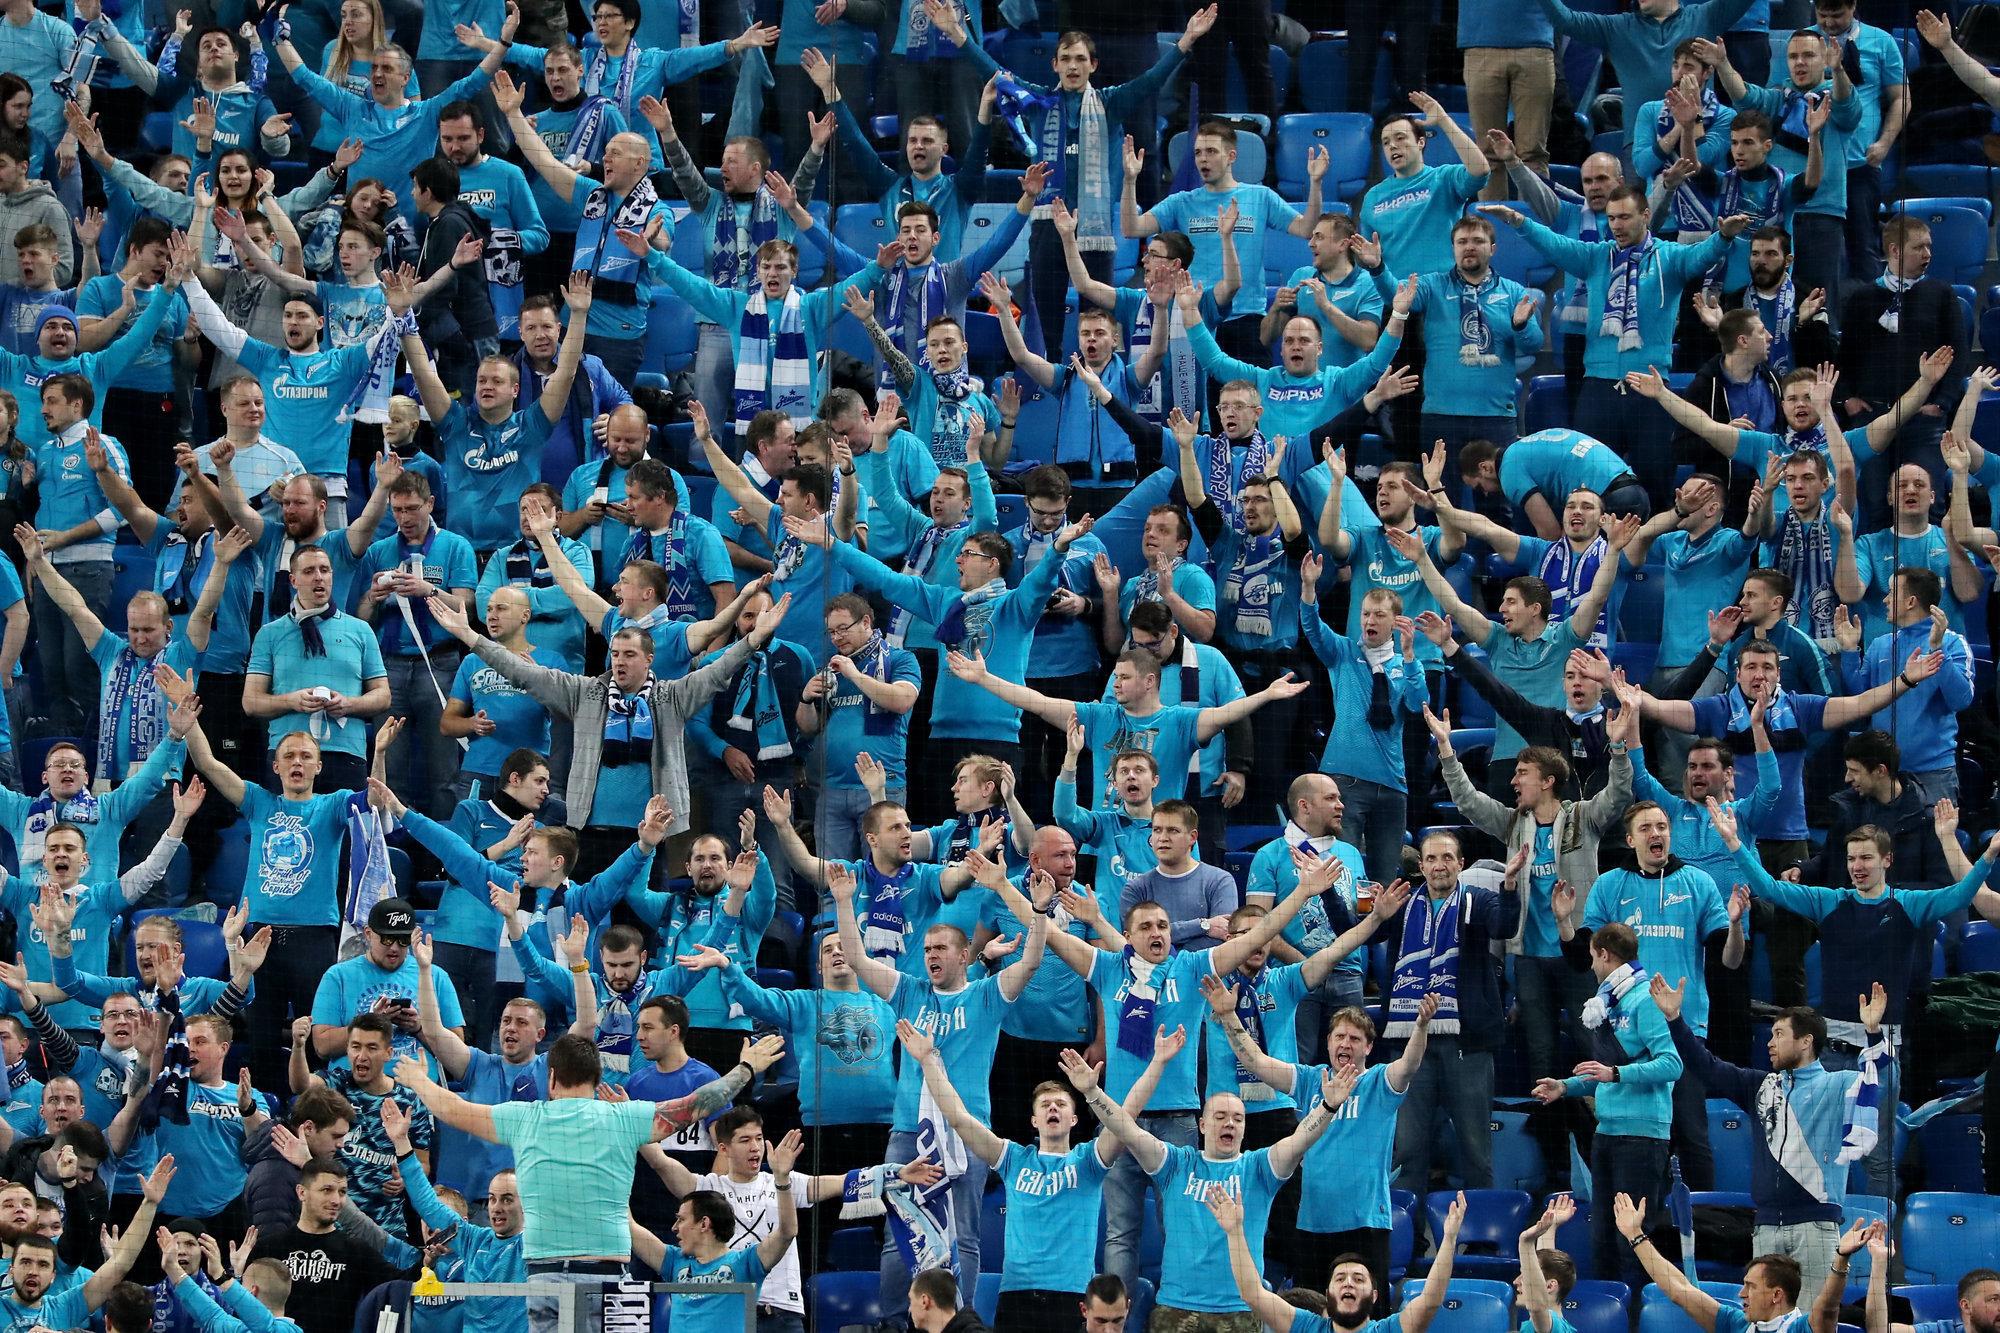 Боруссия дортмунд зенит фанаты питера видео